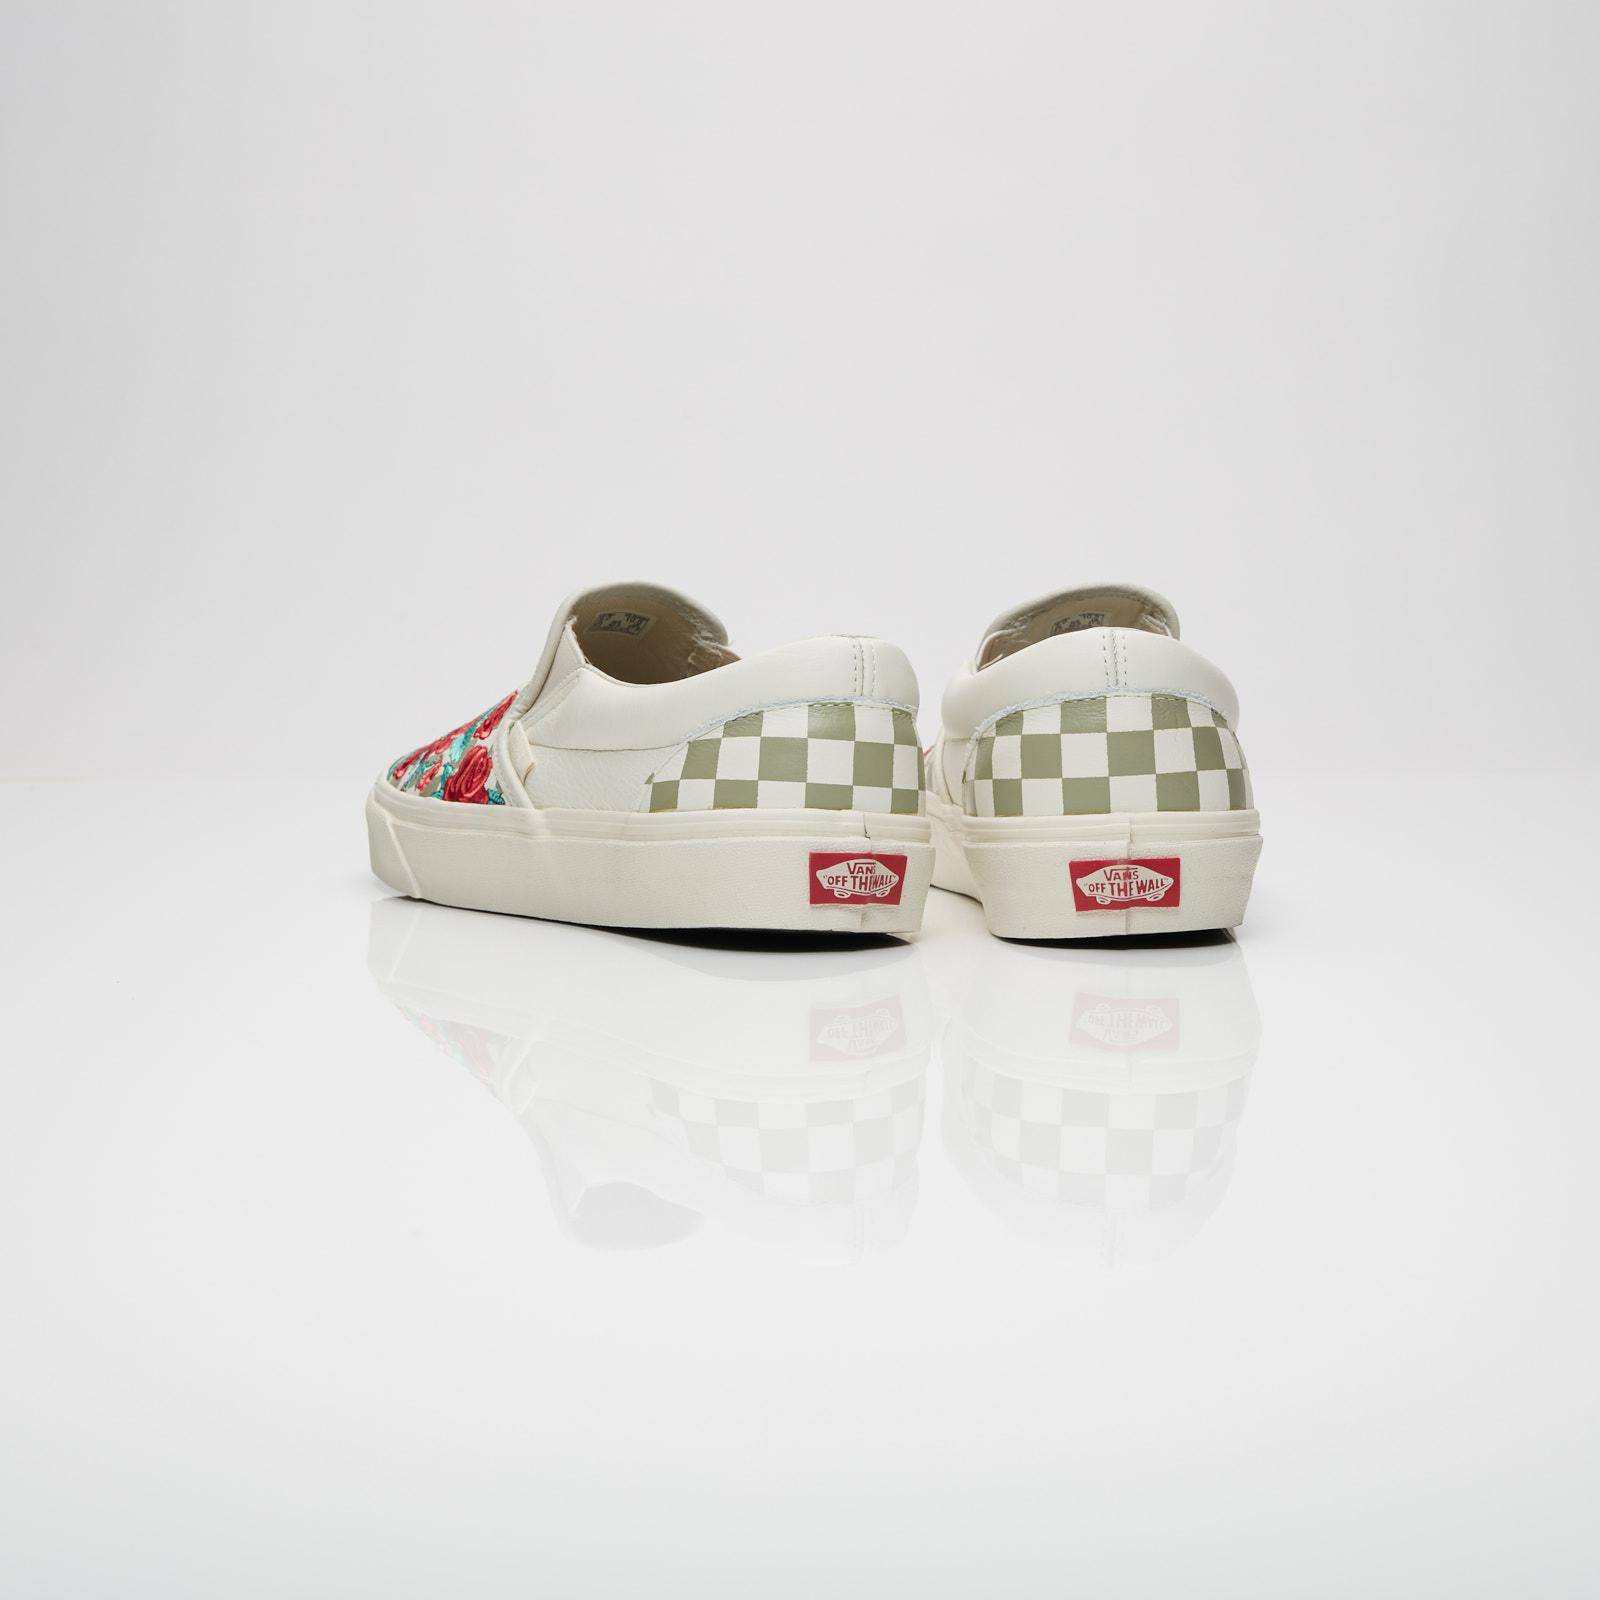 4cc259ee1e6 Vans UA Classic Slip-On DX - Va38f8qf9 - Sneakersnstuff